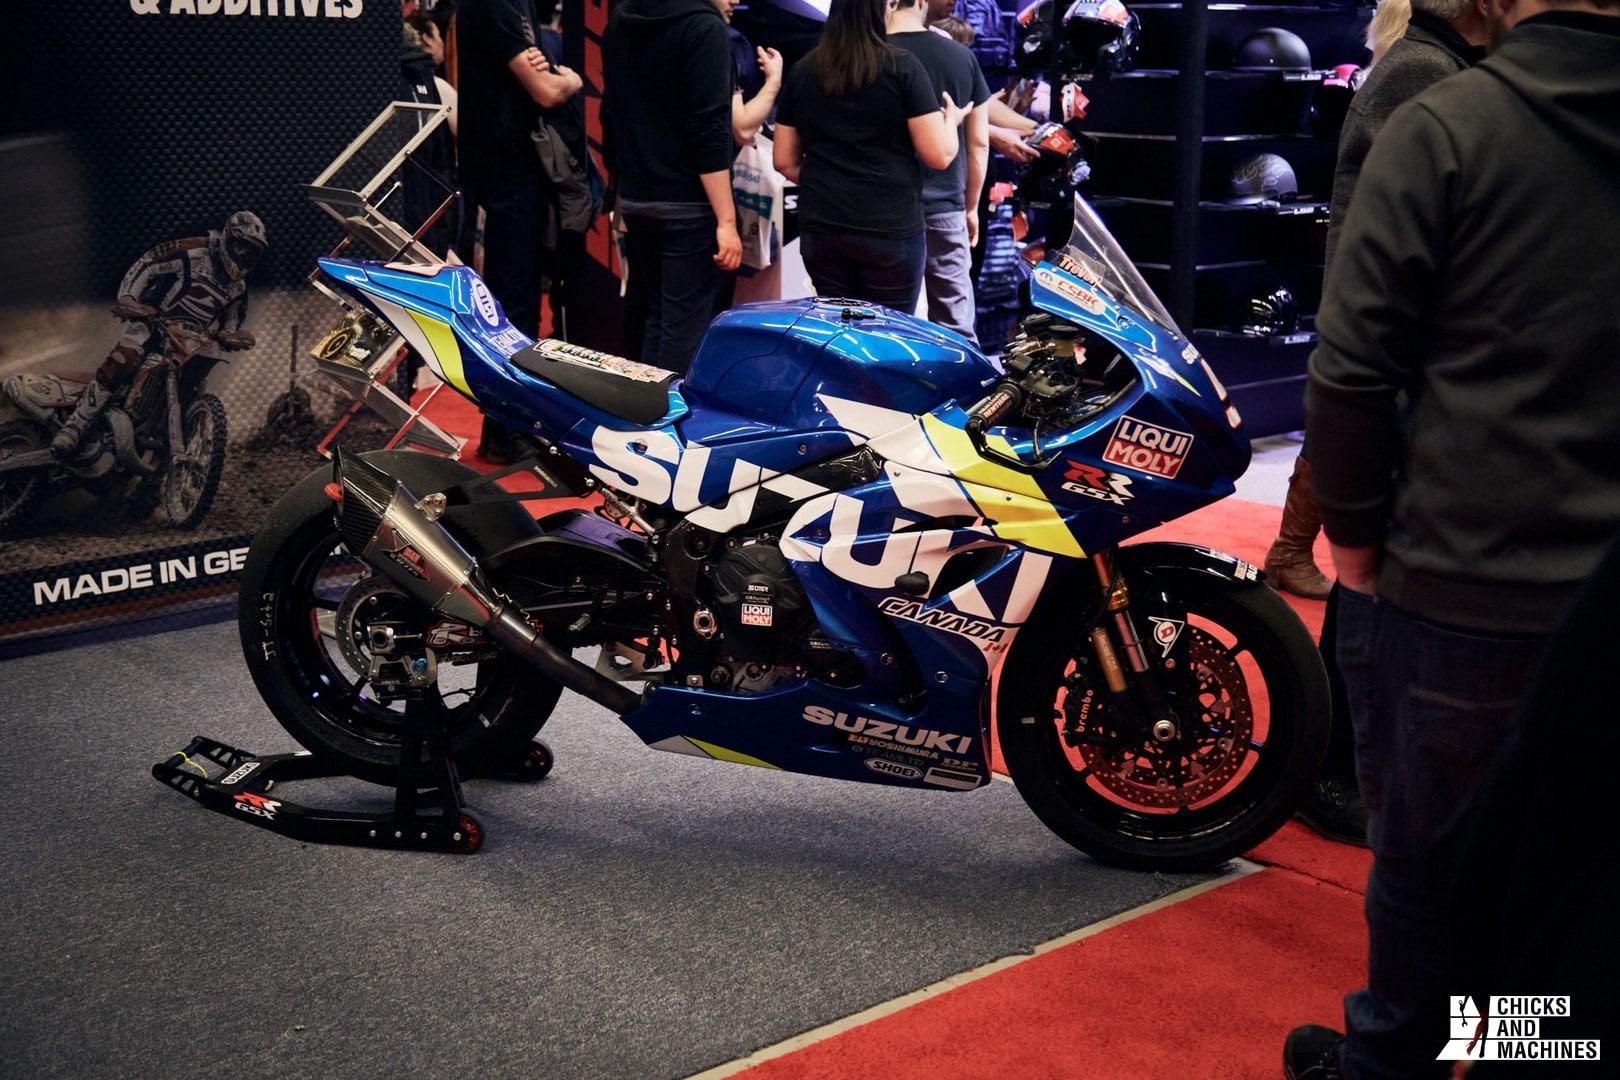 Salon de la moto 2020 4 Copier